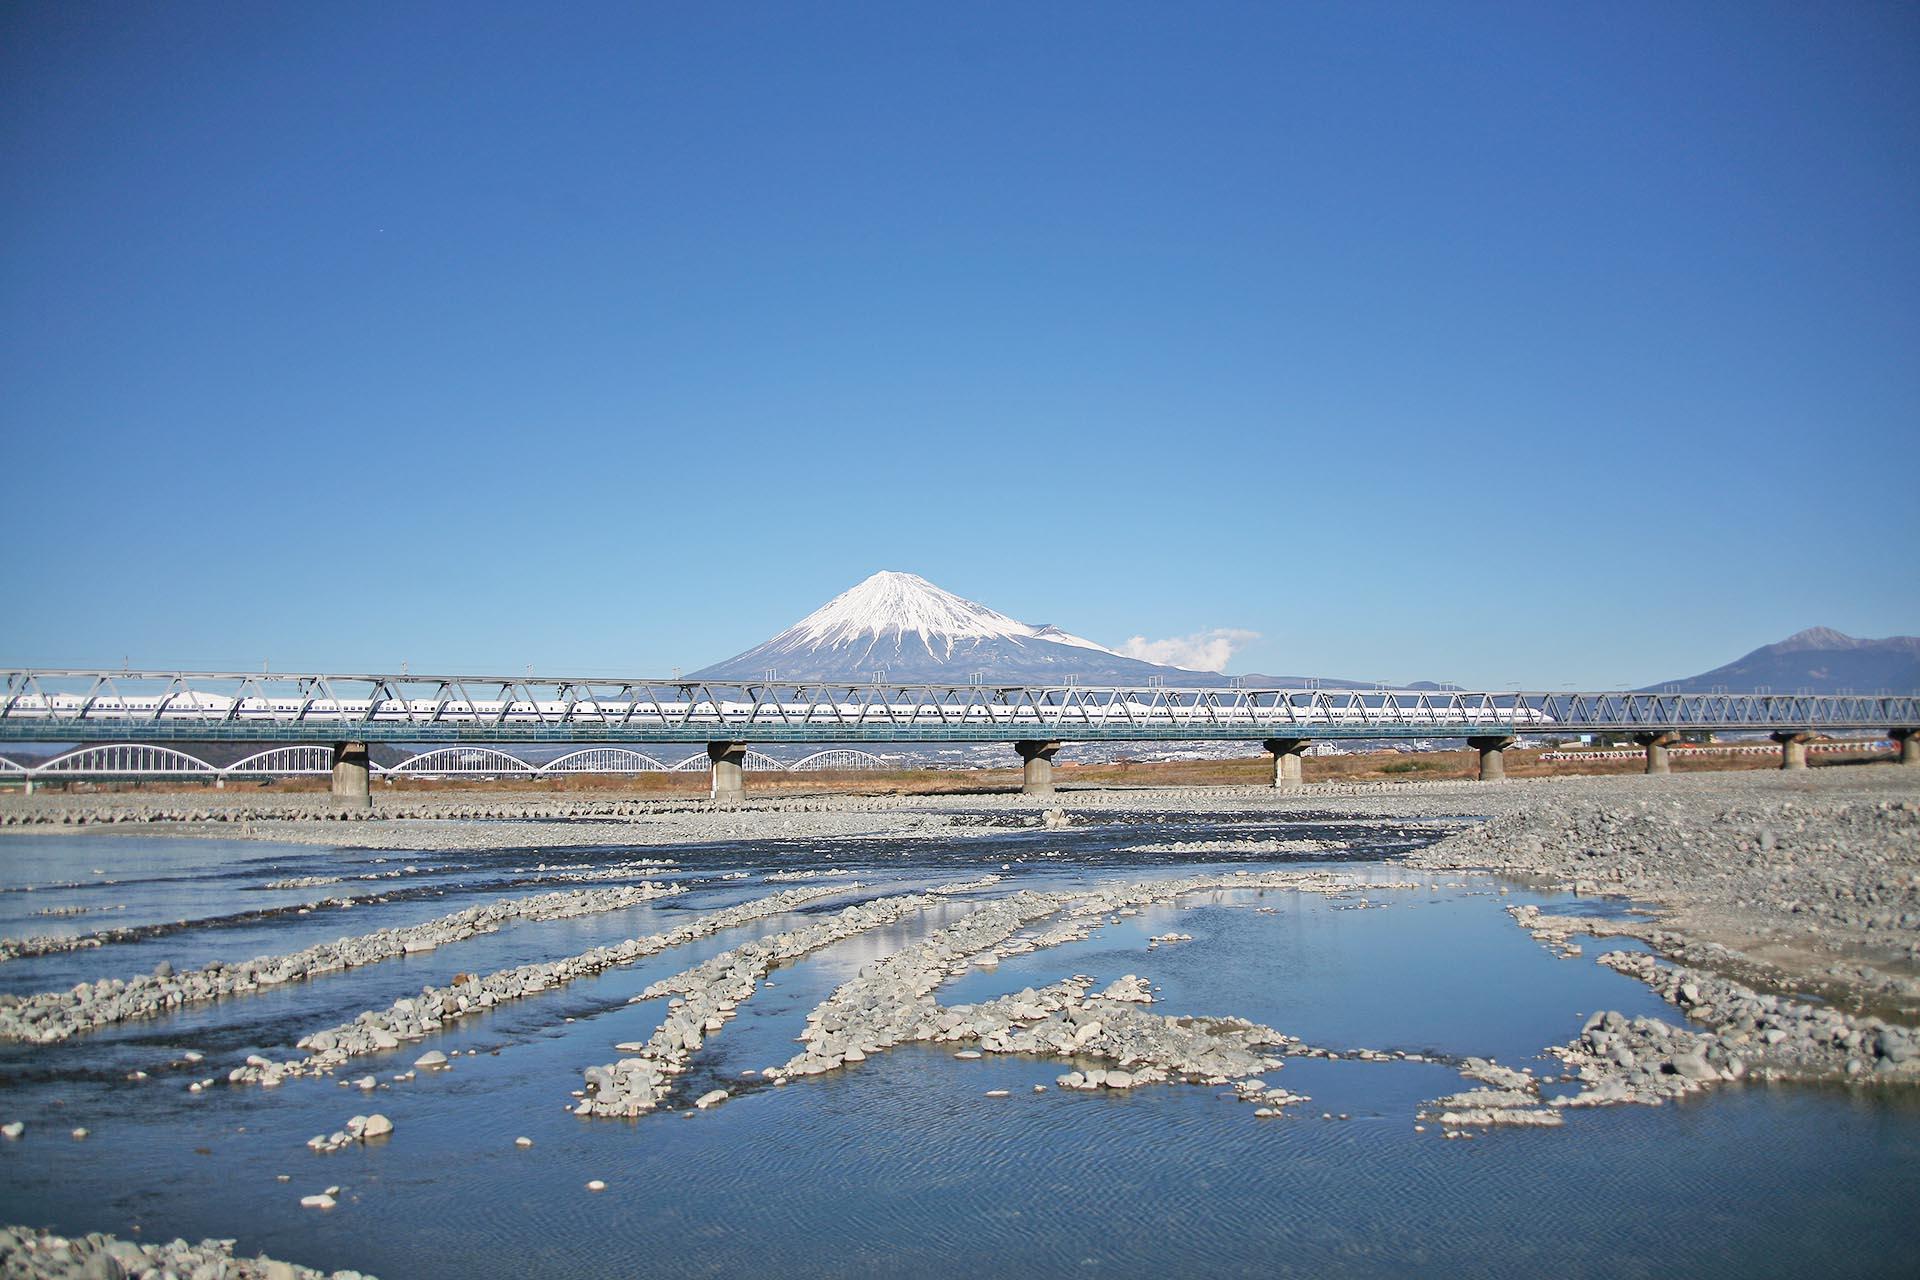 富士山と新幹線と富士川 静岡の風景